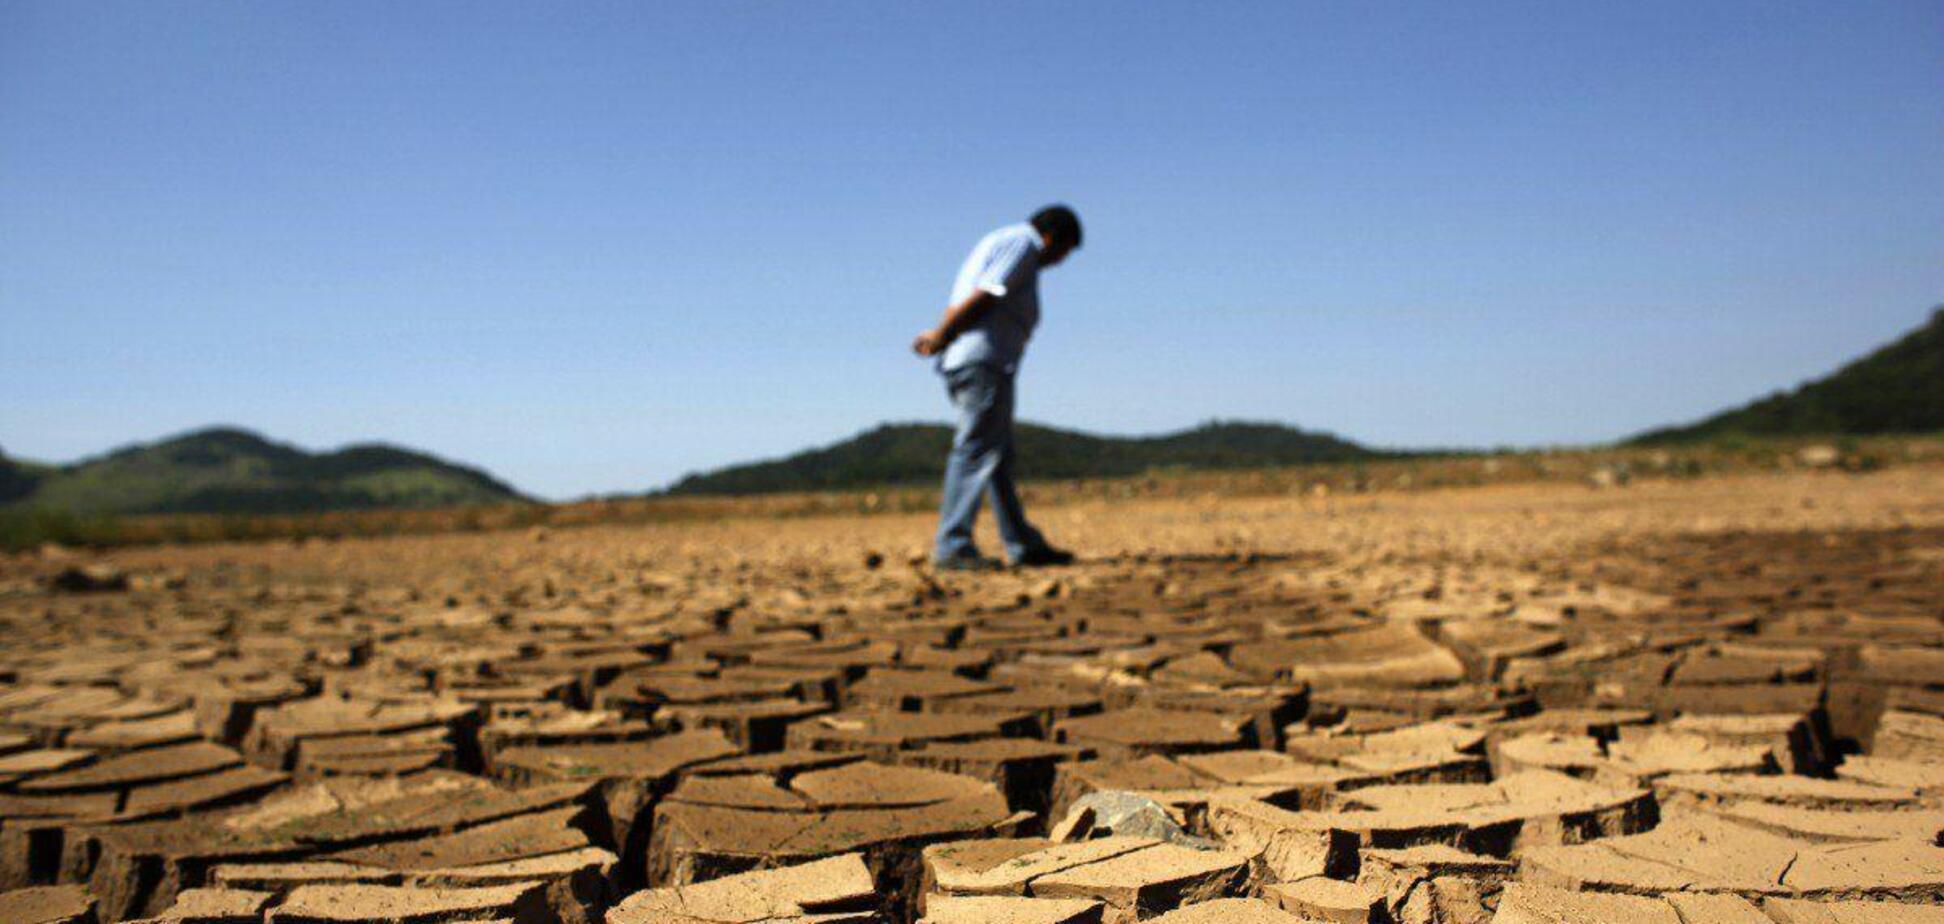 Ученые предсказали катастрофу, которая начнется на Земле в 2050 году